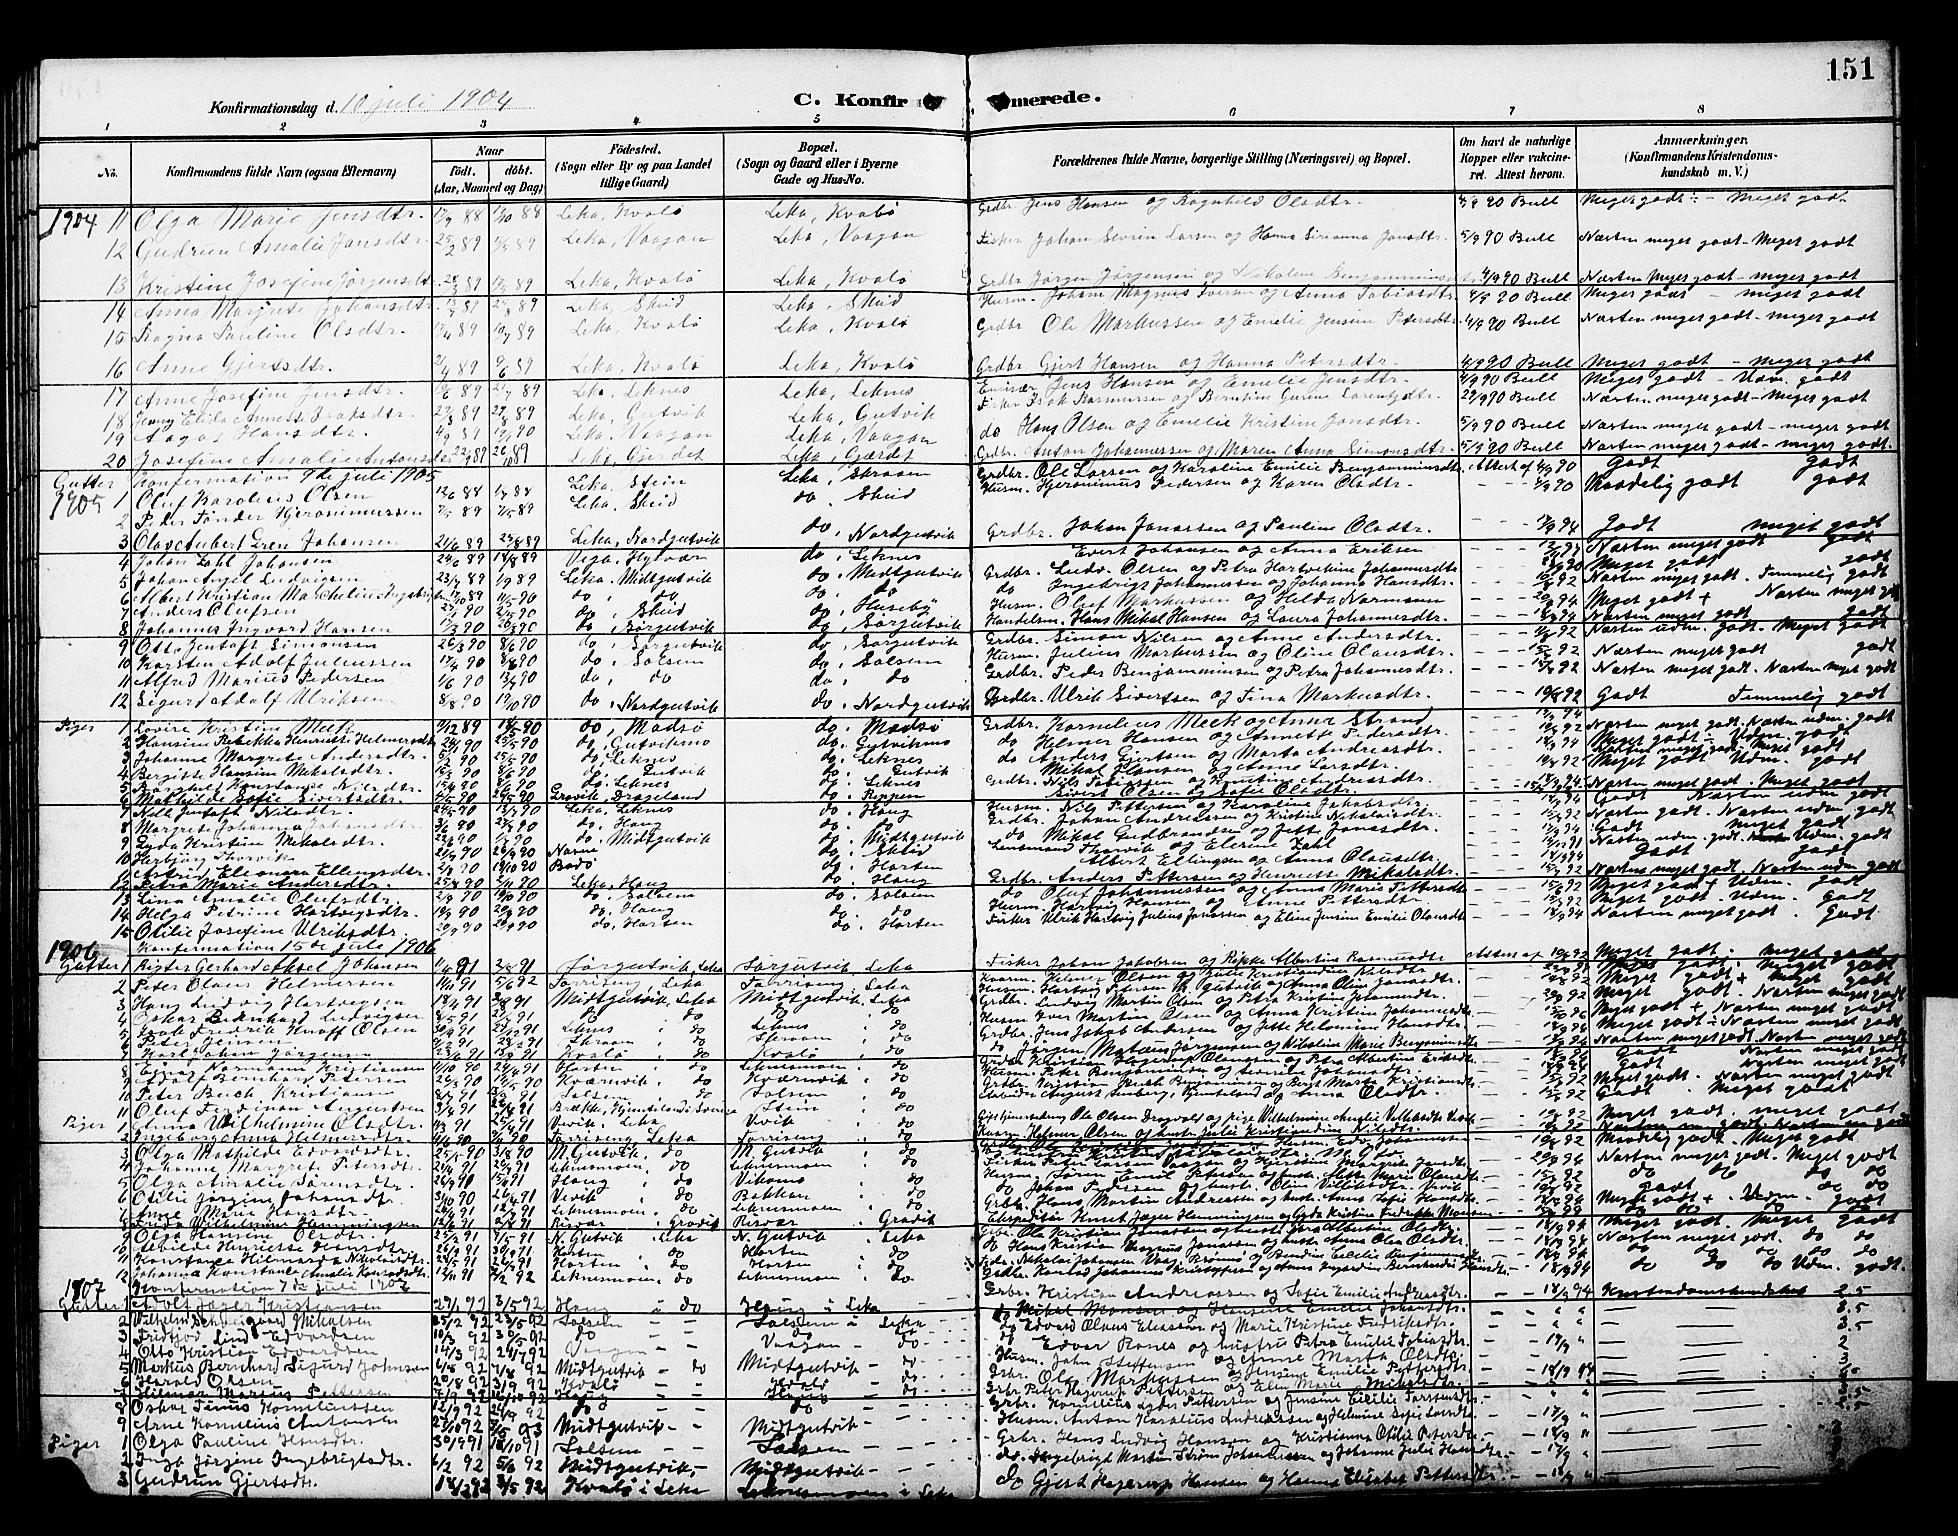 SAT, Ministerialprotokoller, klokkerbøker og fødselsregistre - Nord-Trøndelag, 788/L0701: Klokkerbok nr. 788C01, 1888-1913, s. 151